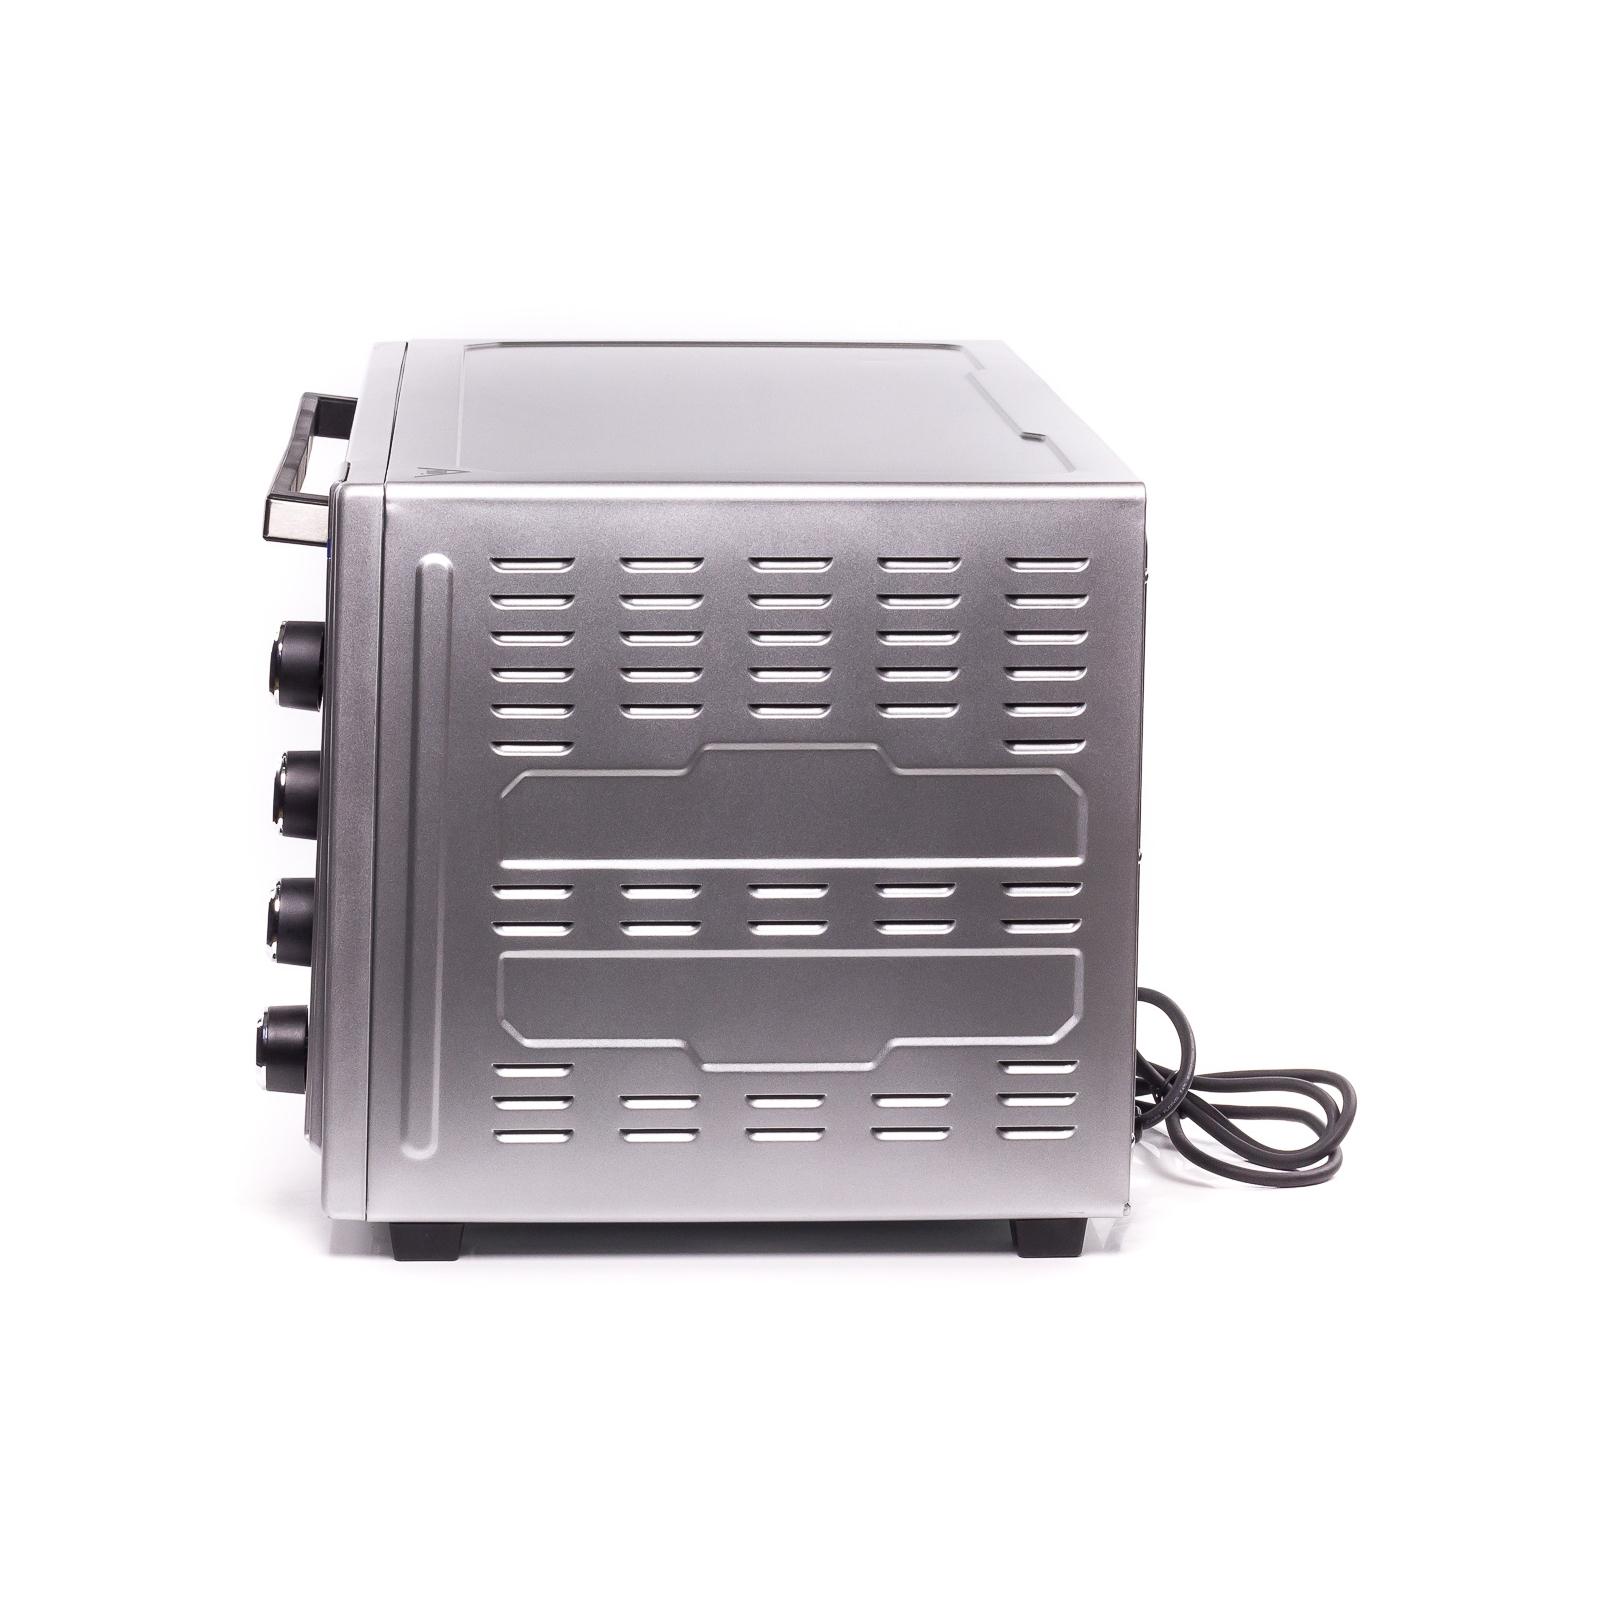 Электропечь DEX DTO-600 C изображение 7